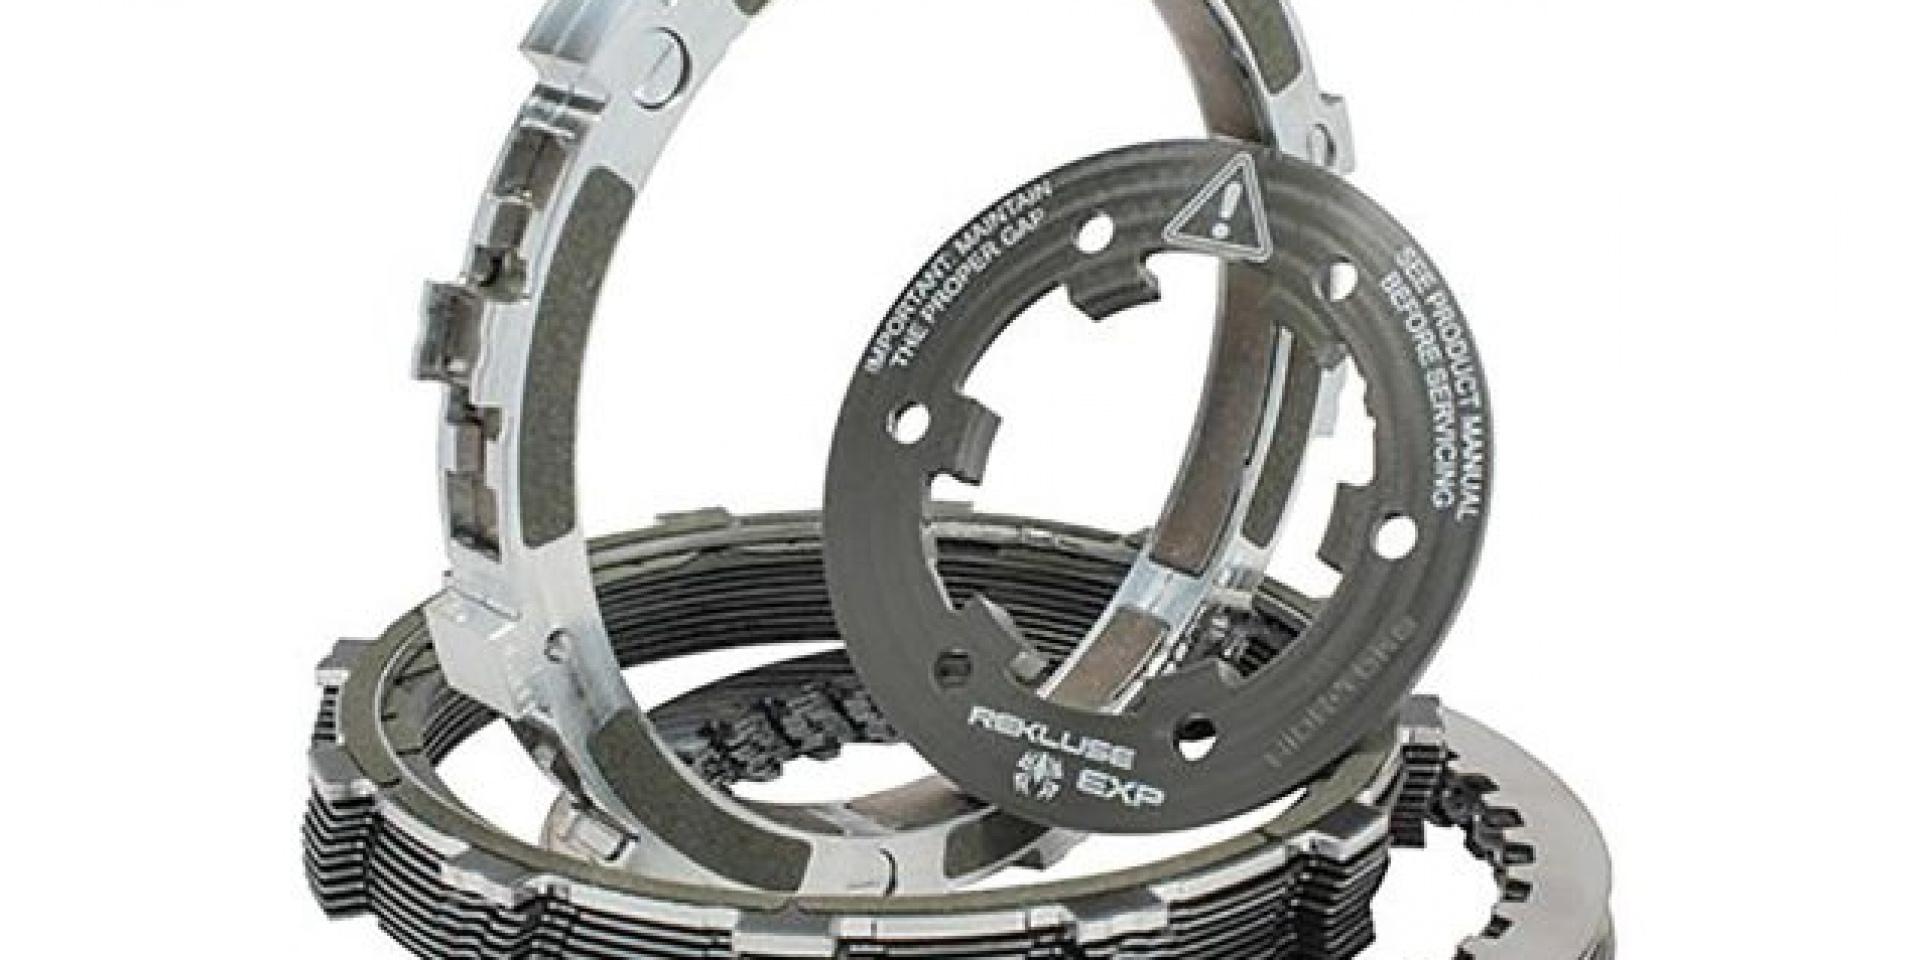 離合器也智慧!MV AGUSTA推出運動摩托車用半自動離合器技術